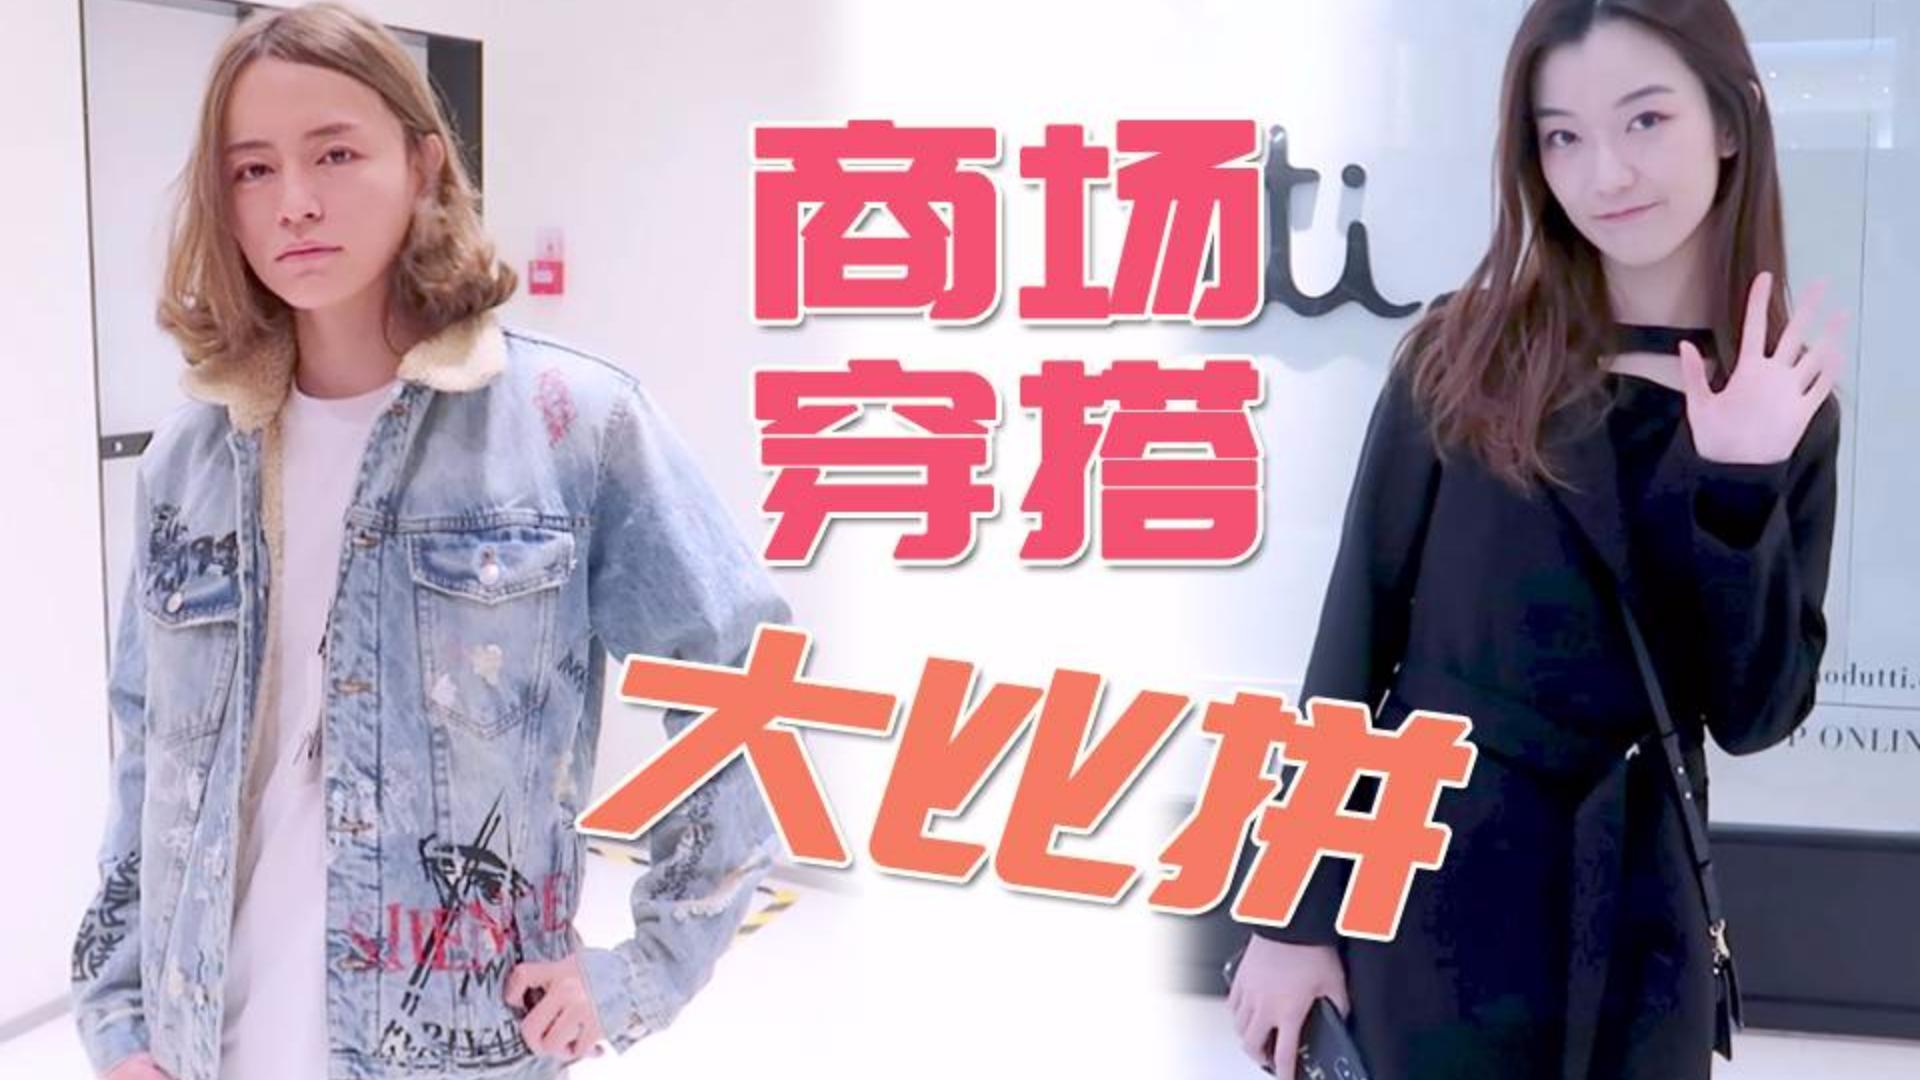 【木木】穿搭大比拼!直男和女粉丝互相给对方搭配衣服,会是怎样的结果?